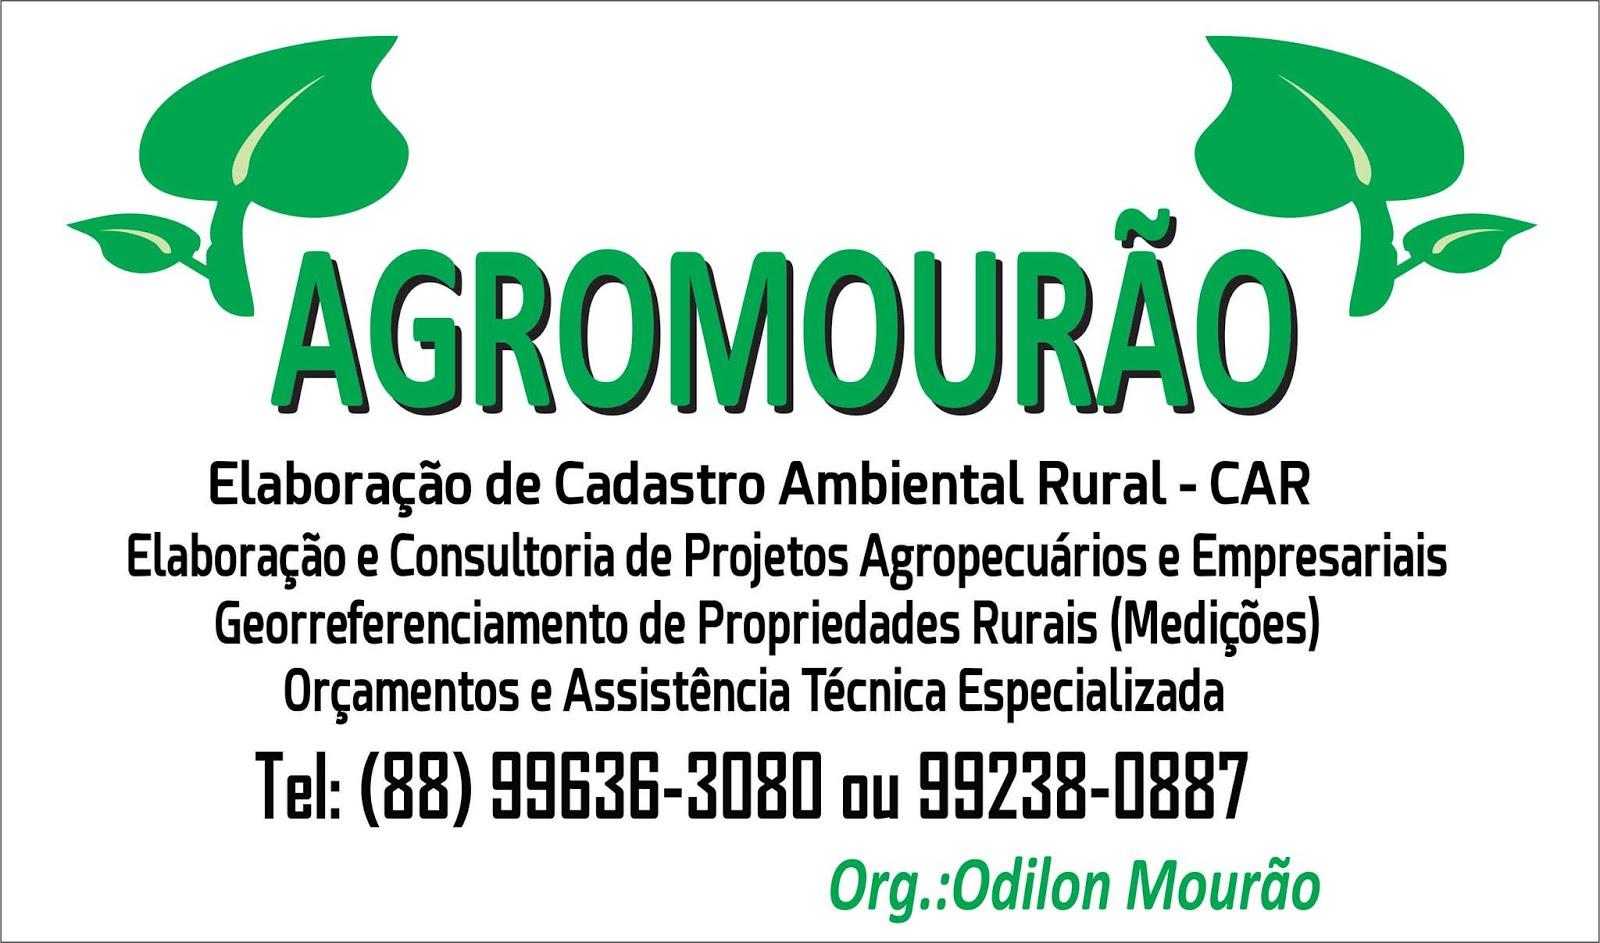 AgroMourão